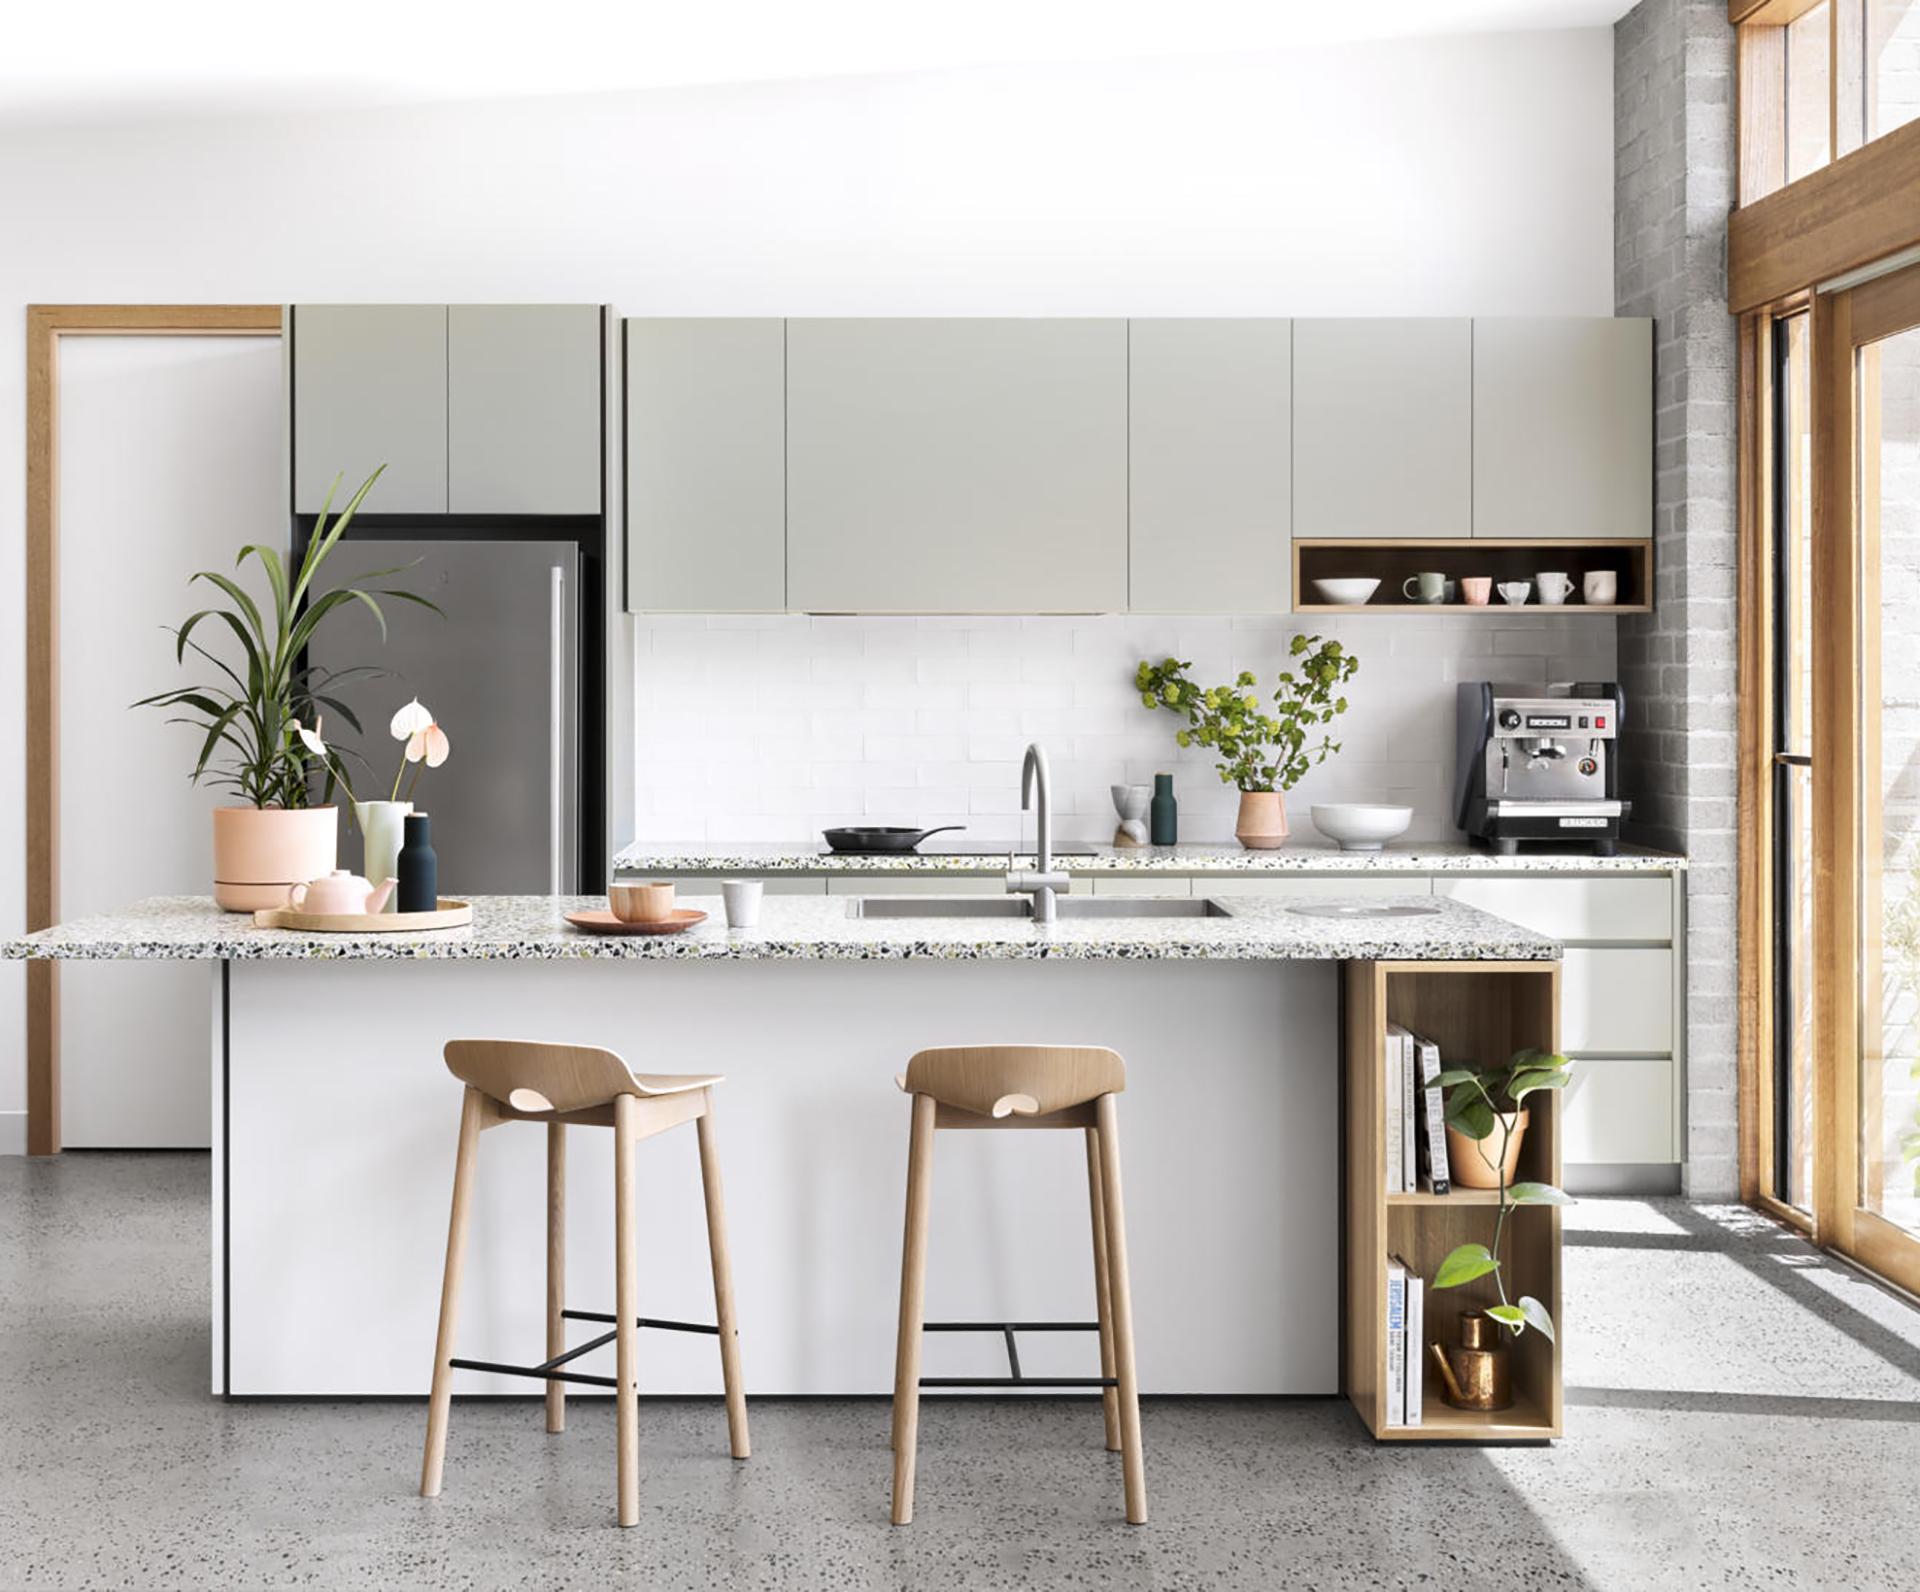 Modern kitchen inspired by the Mediterranean